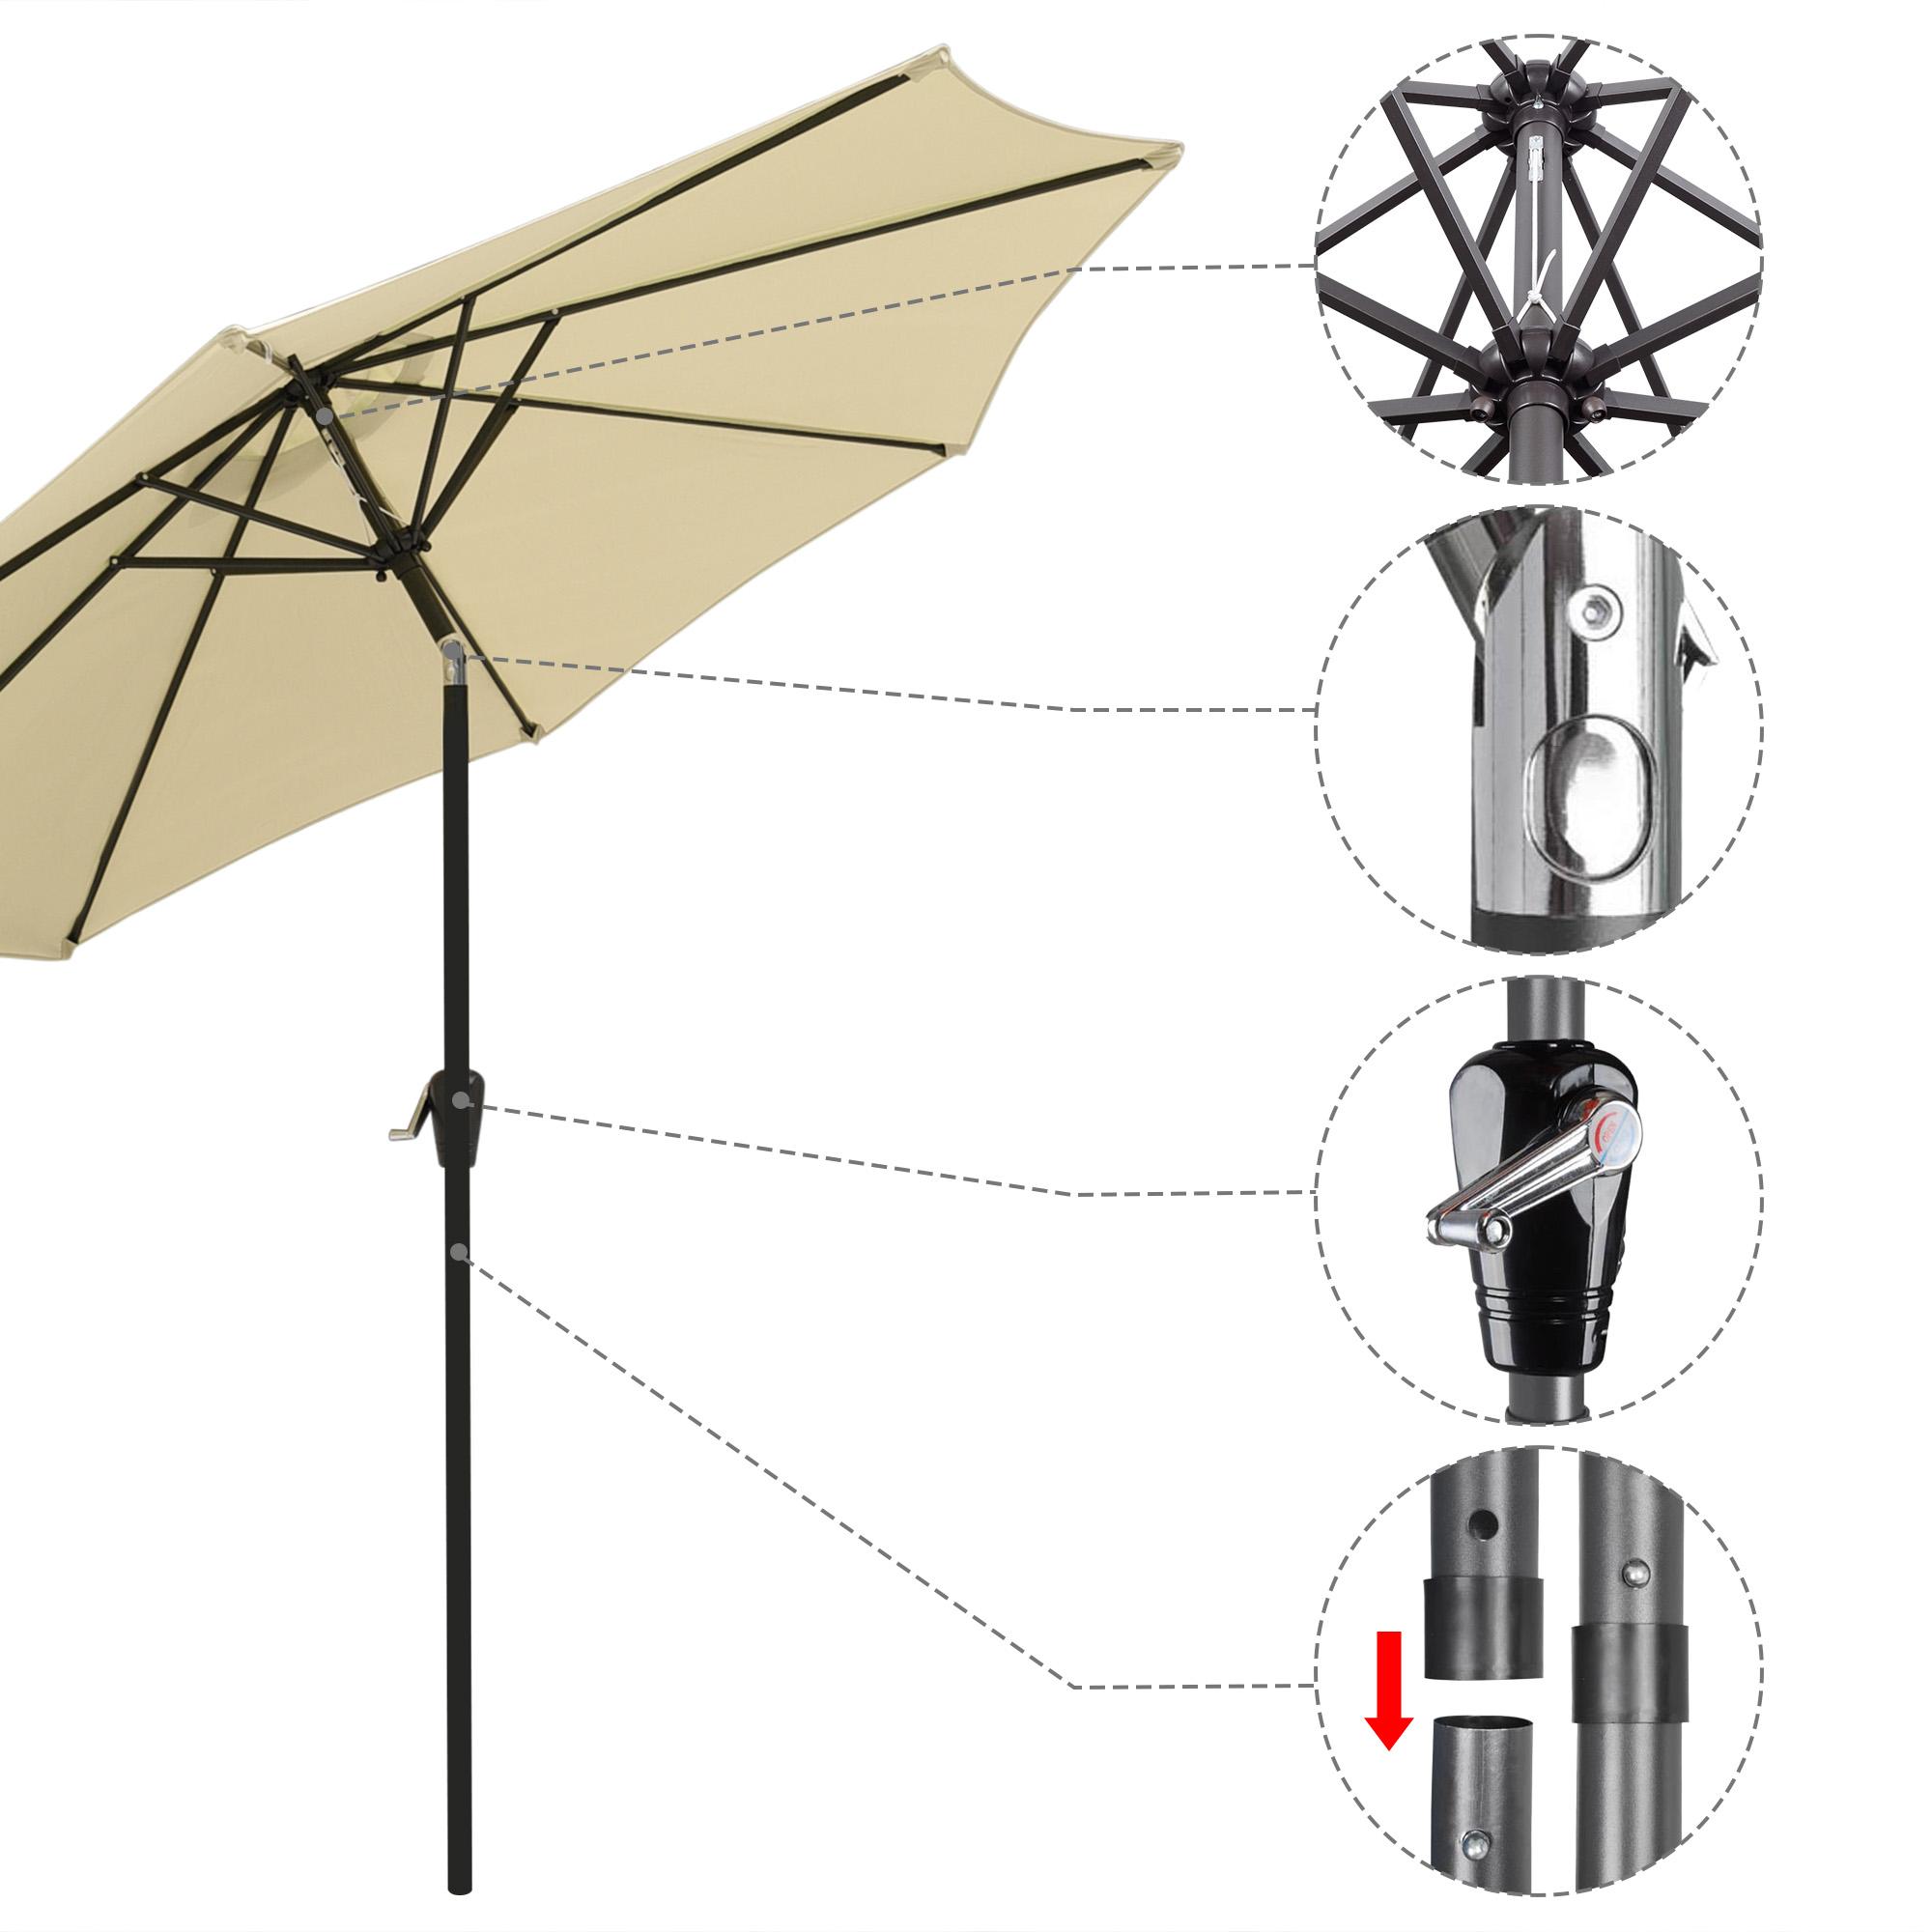 thumbnail 28 - 9' Outdoor Umbrella Patio 8 Ribs Market Garden Crank Tilt Beach Sunshade Parasol